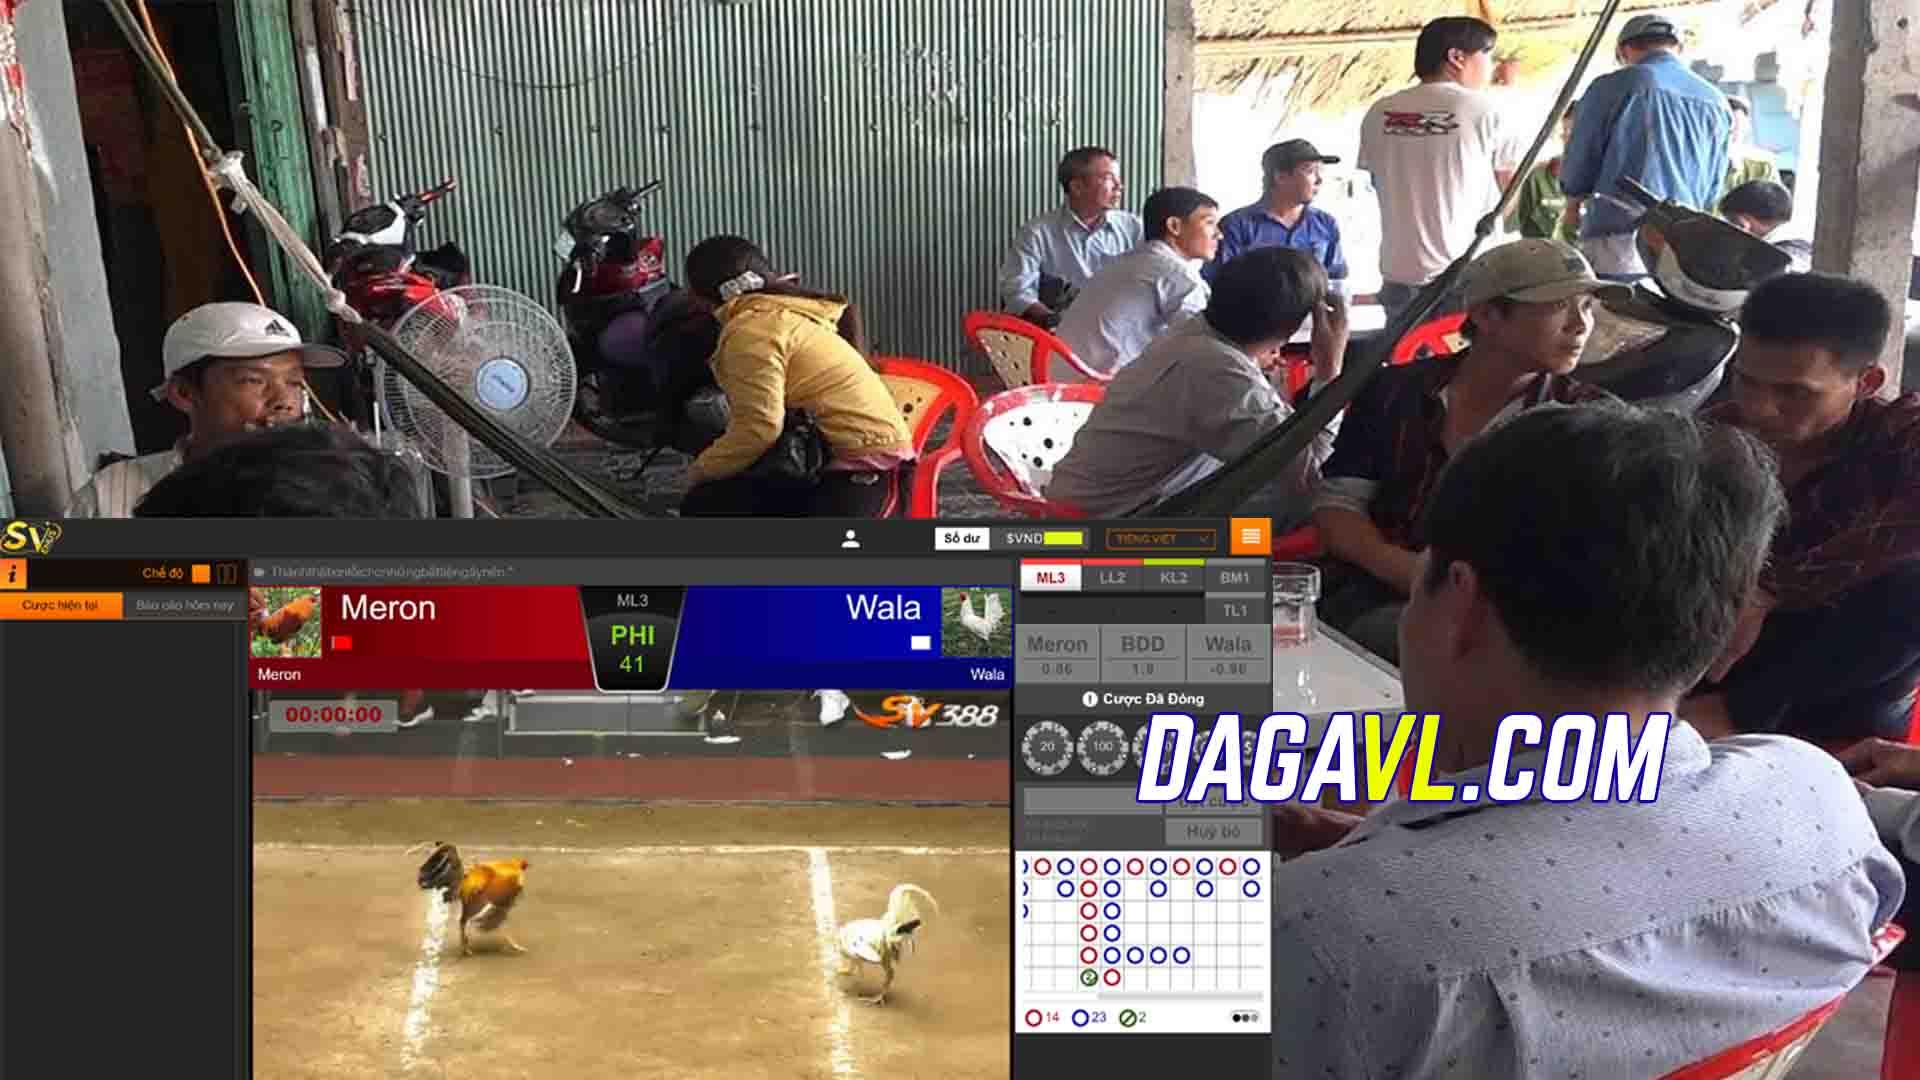 DAGAVL.COM - Bắt trường gà online ở Sài Gòn